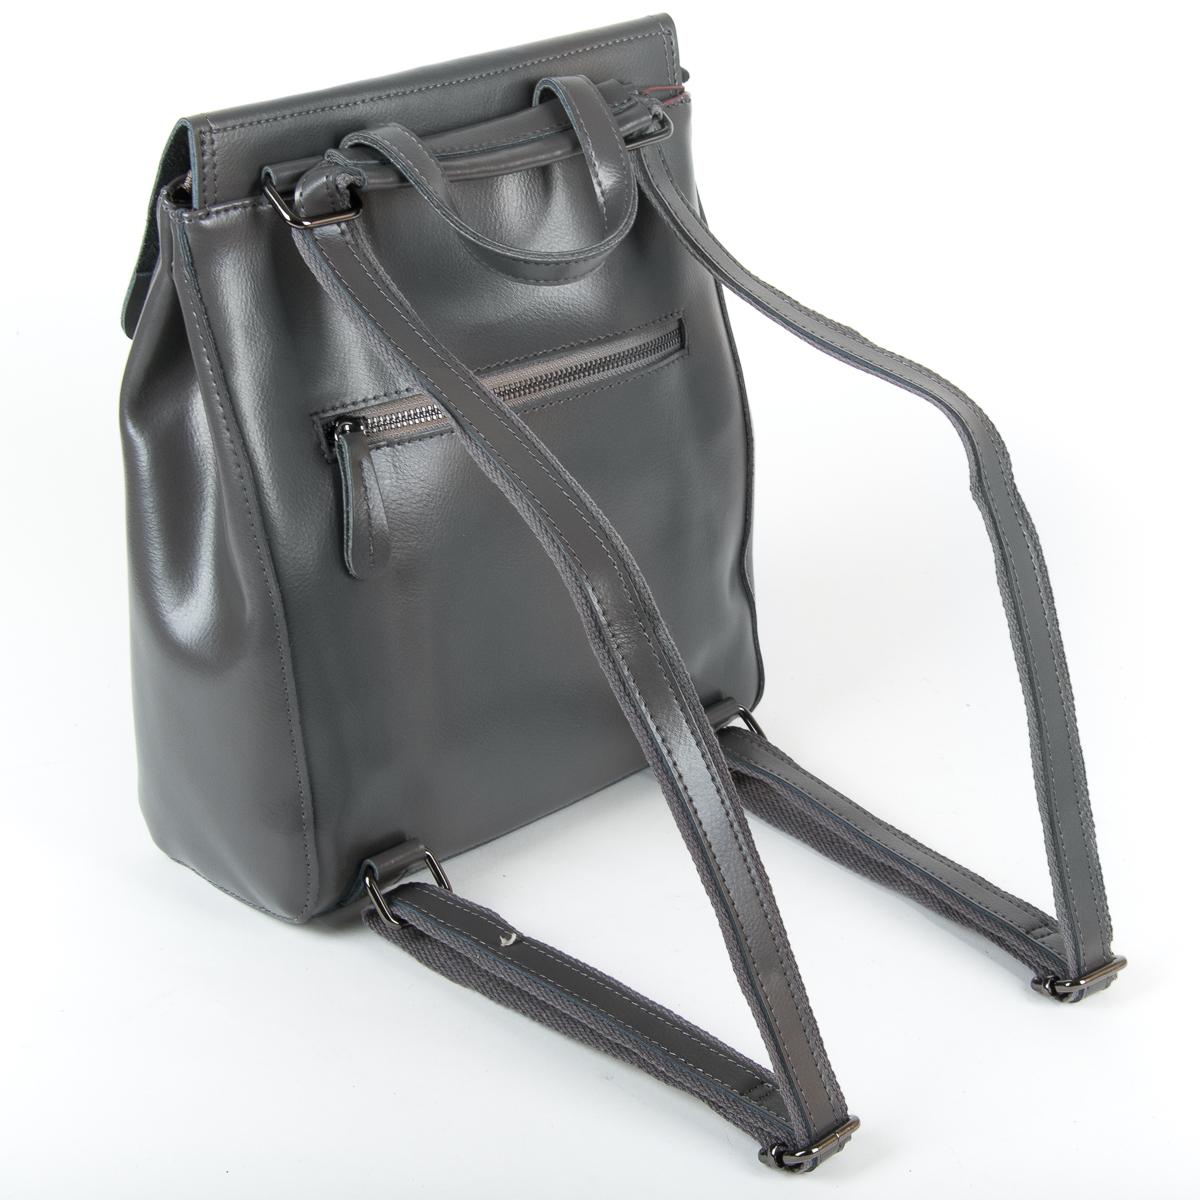 Сумка Женская Рюкзак кожа ALEX RAI 9-01 1005 grey - фото 4